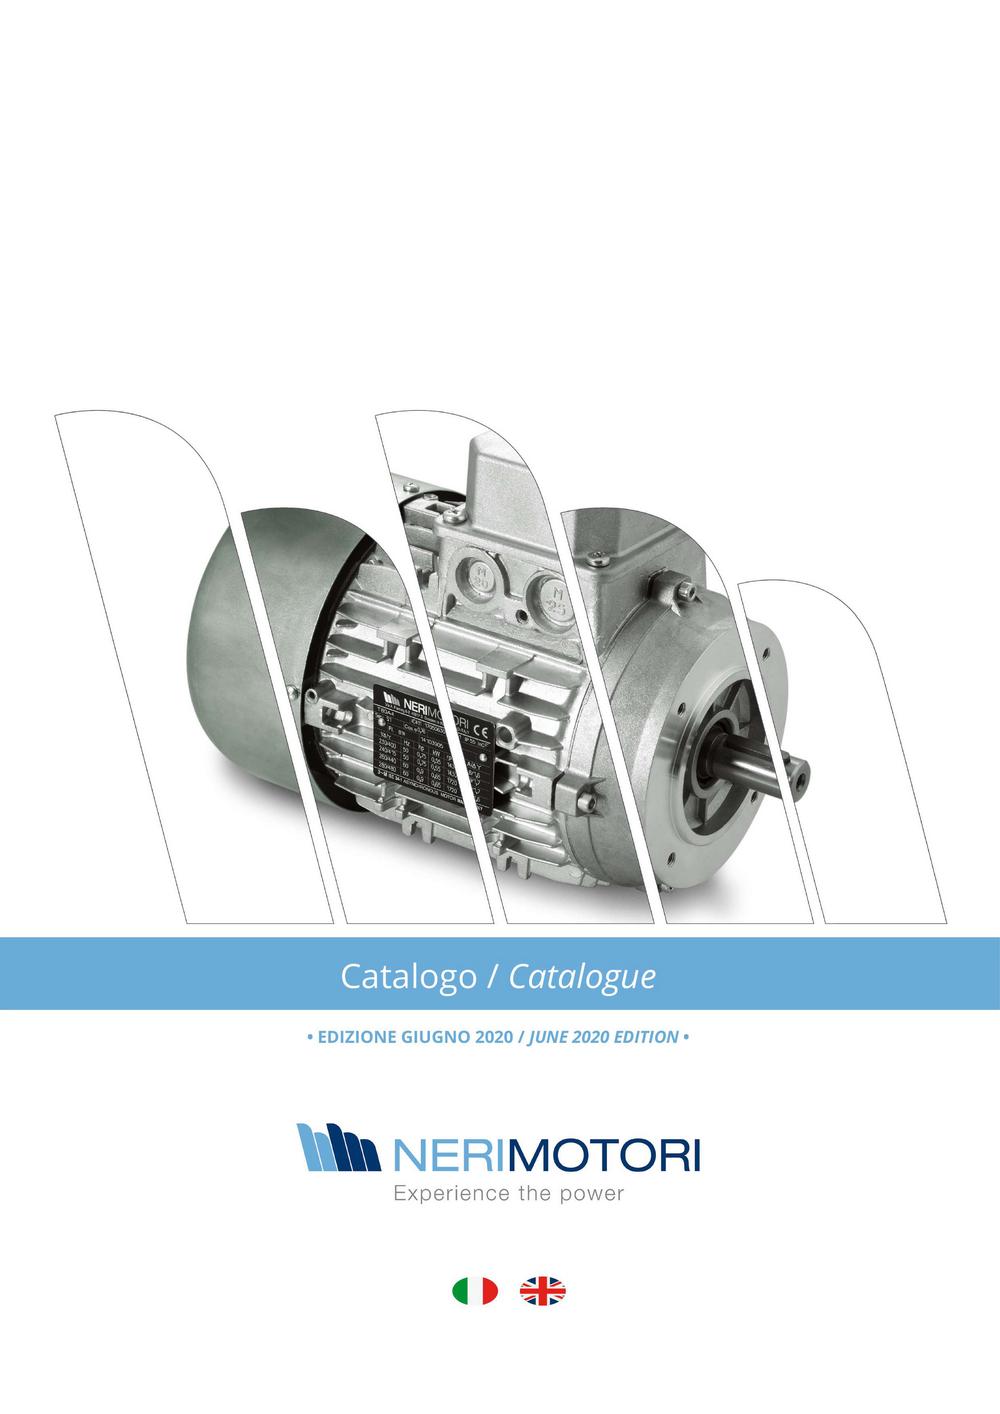 Электродвигатели Neri Motori.